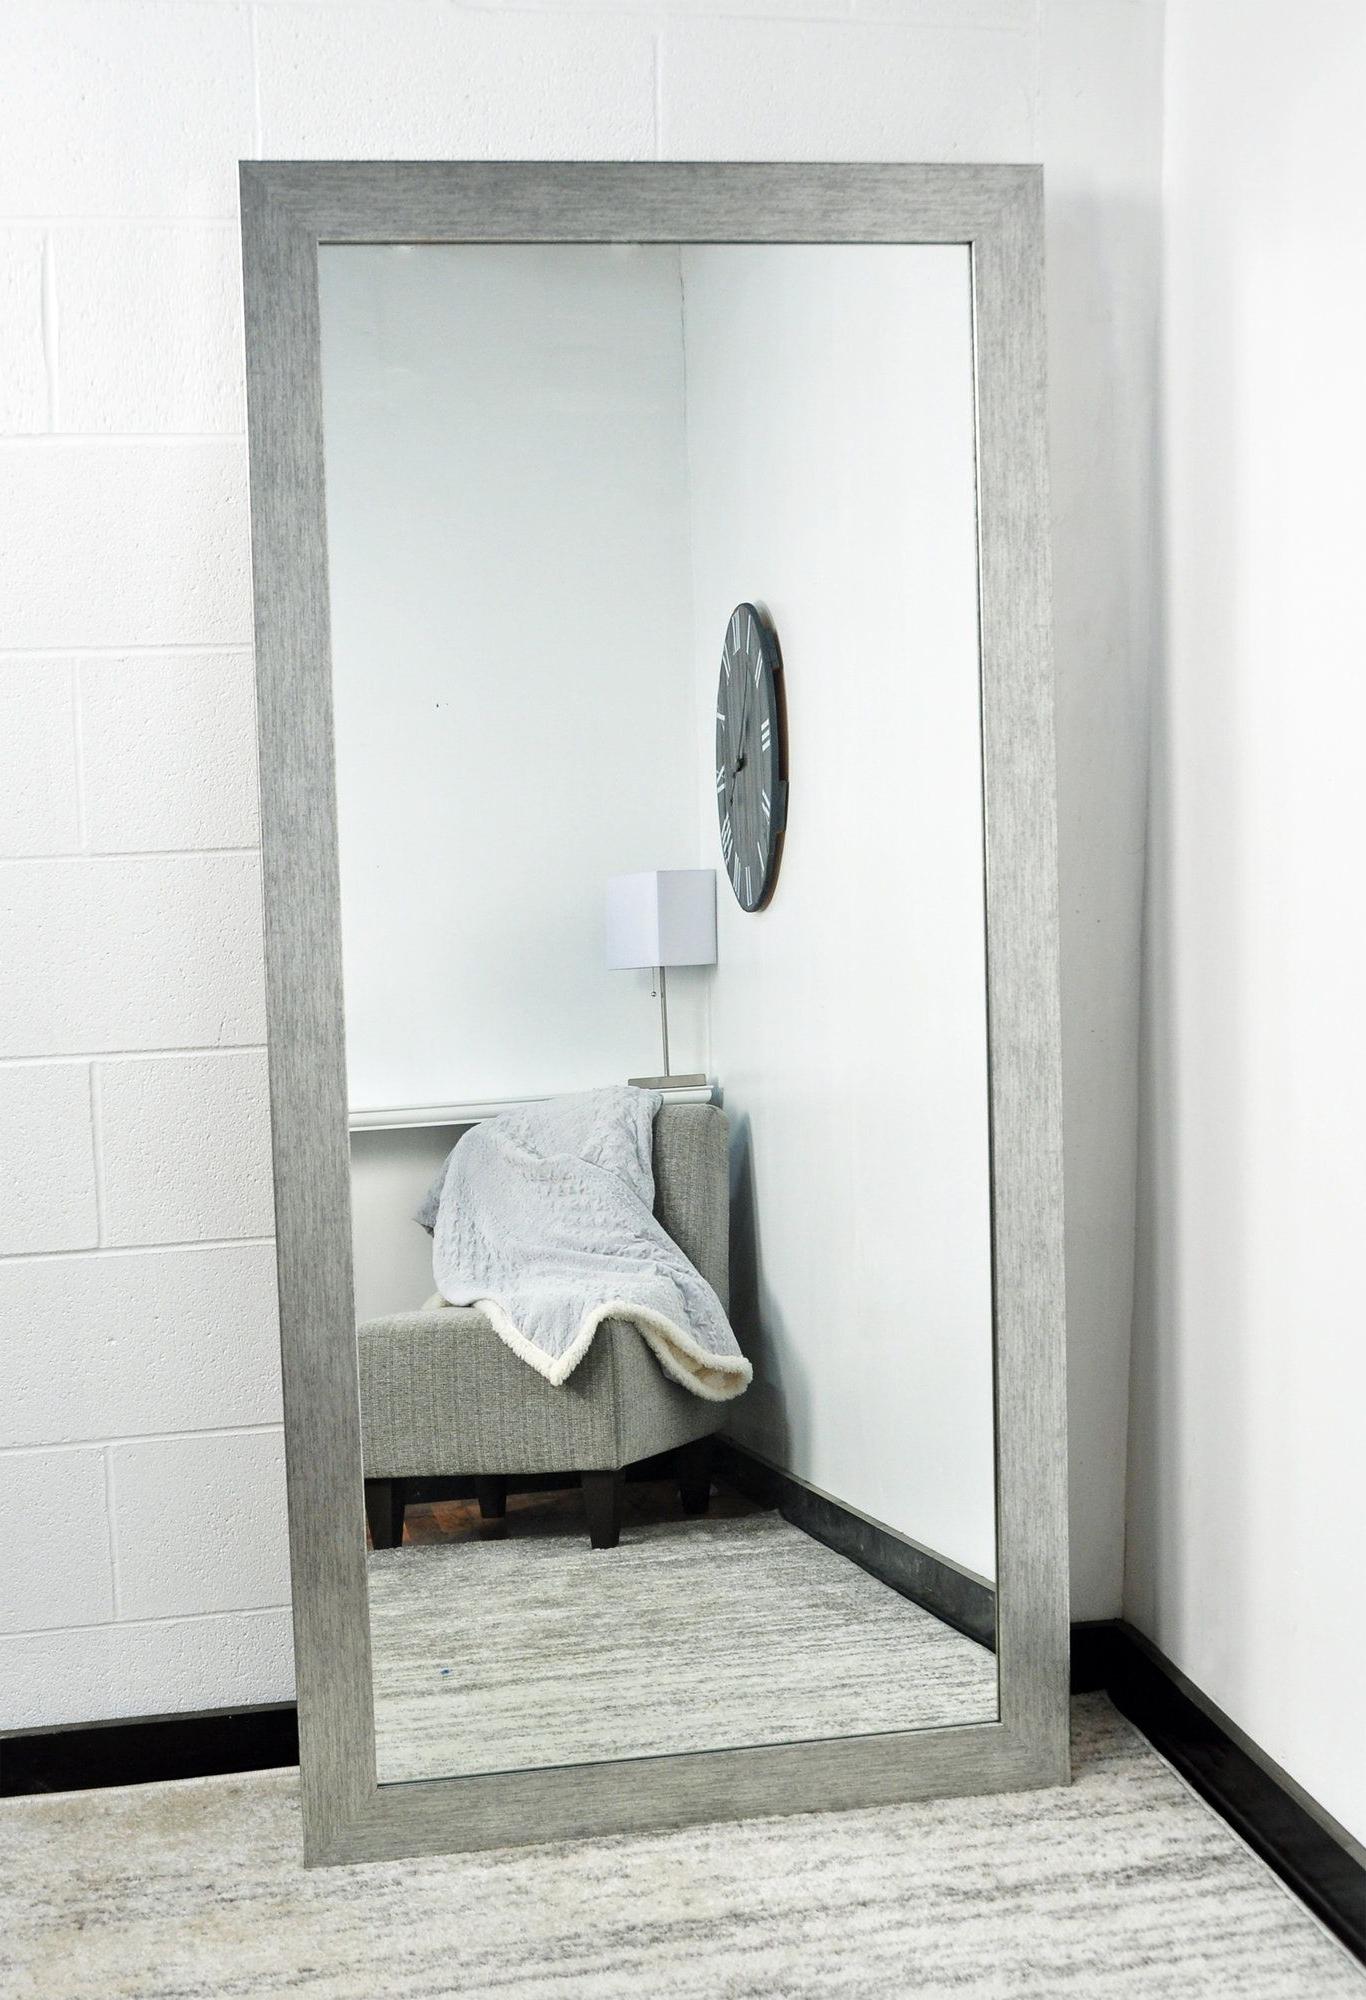 Full Body Wall Mirrors Inside Latest Inspiring Cover Selfie Target Bathroom Full Diy Depot Kit (View 7 of 20)